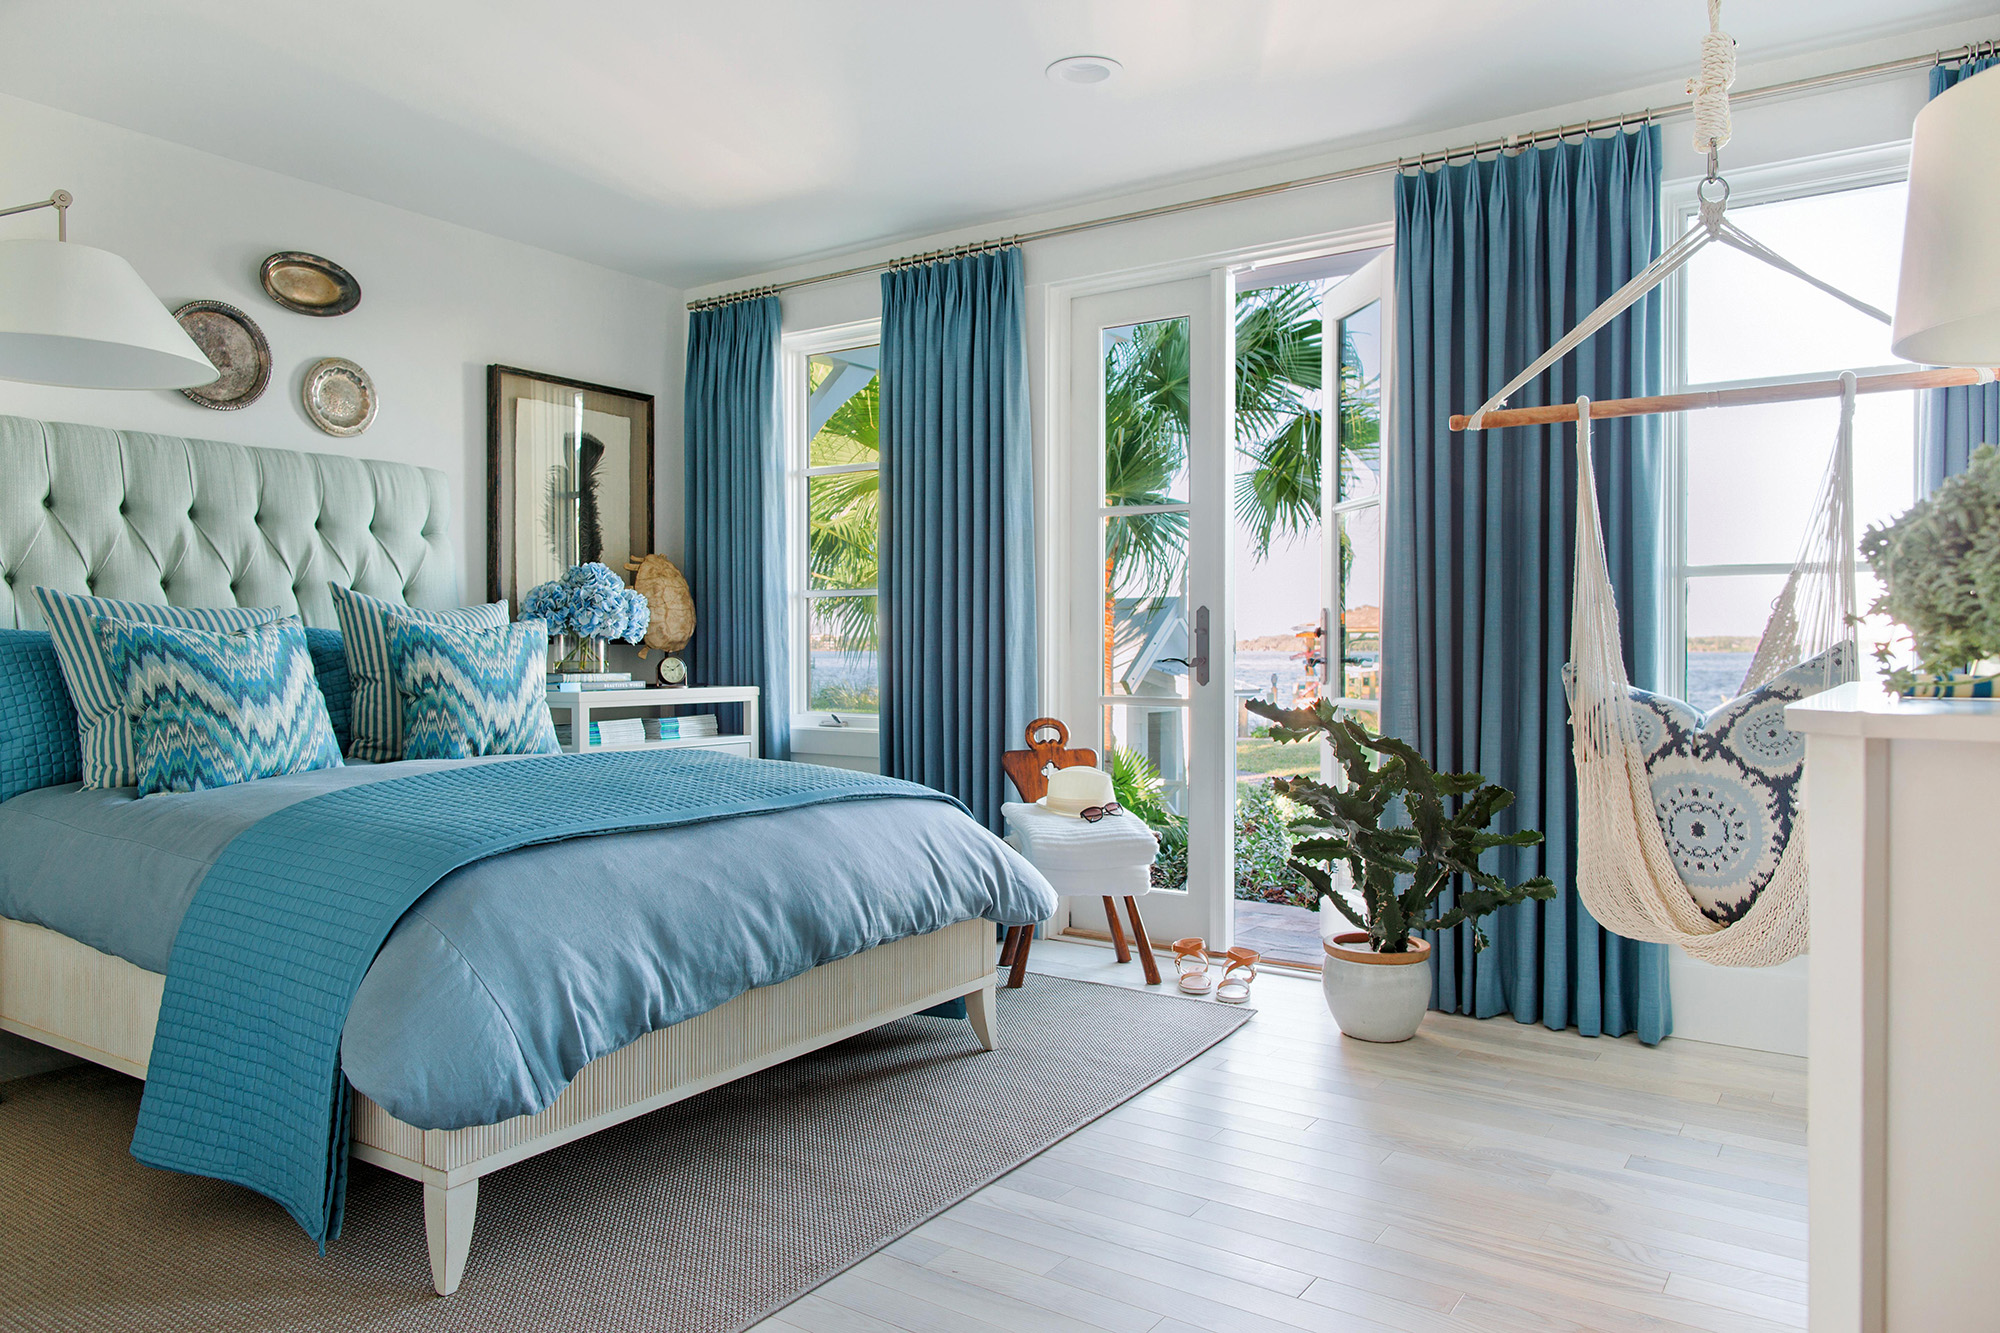 Florida Hgtv Dream Home Sells For 1 3m 9news Com